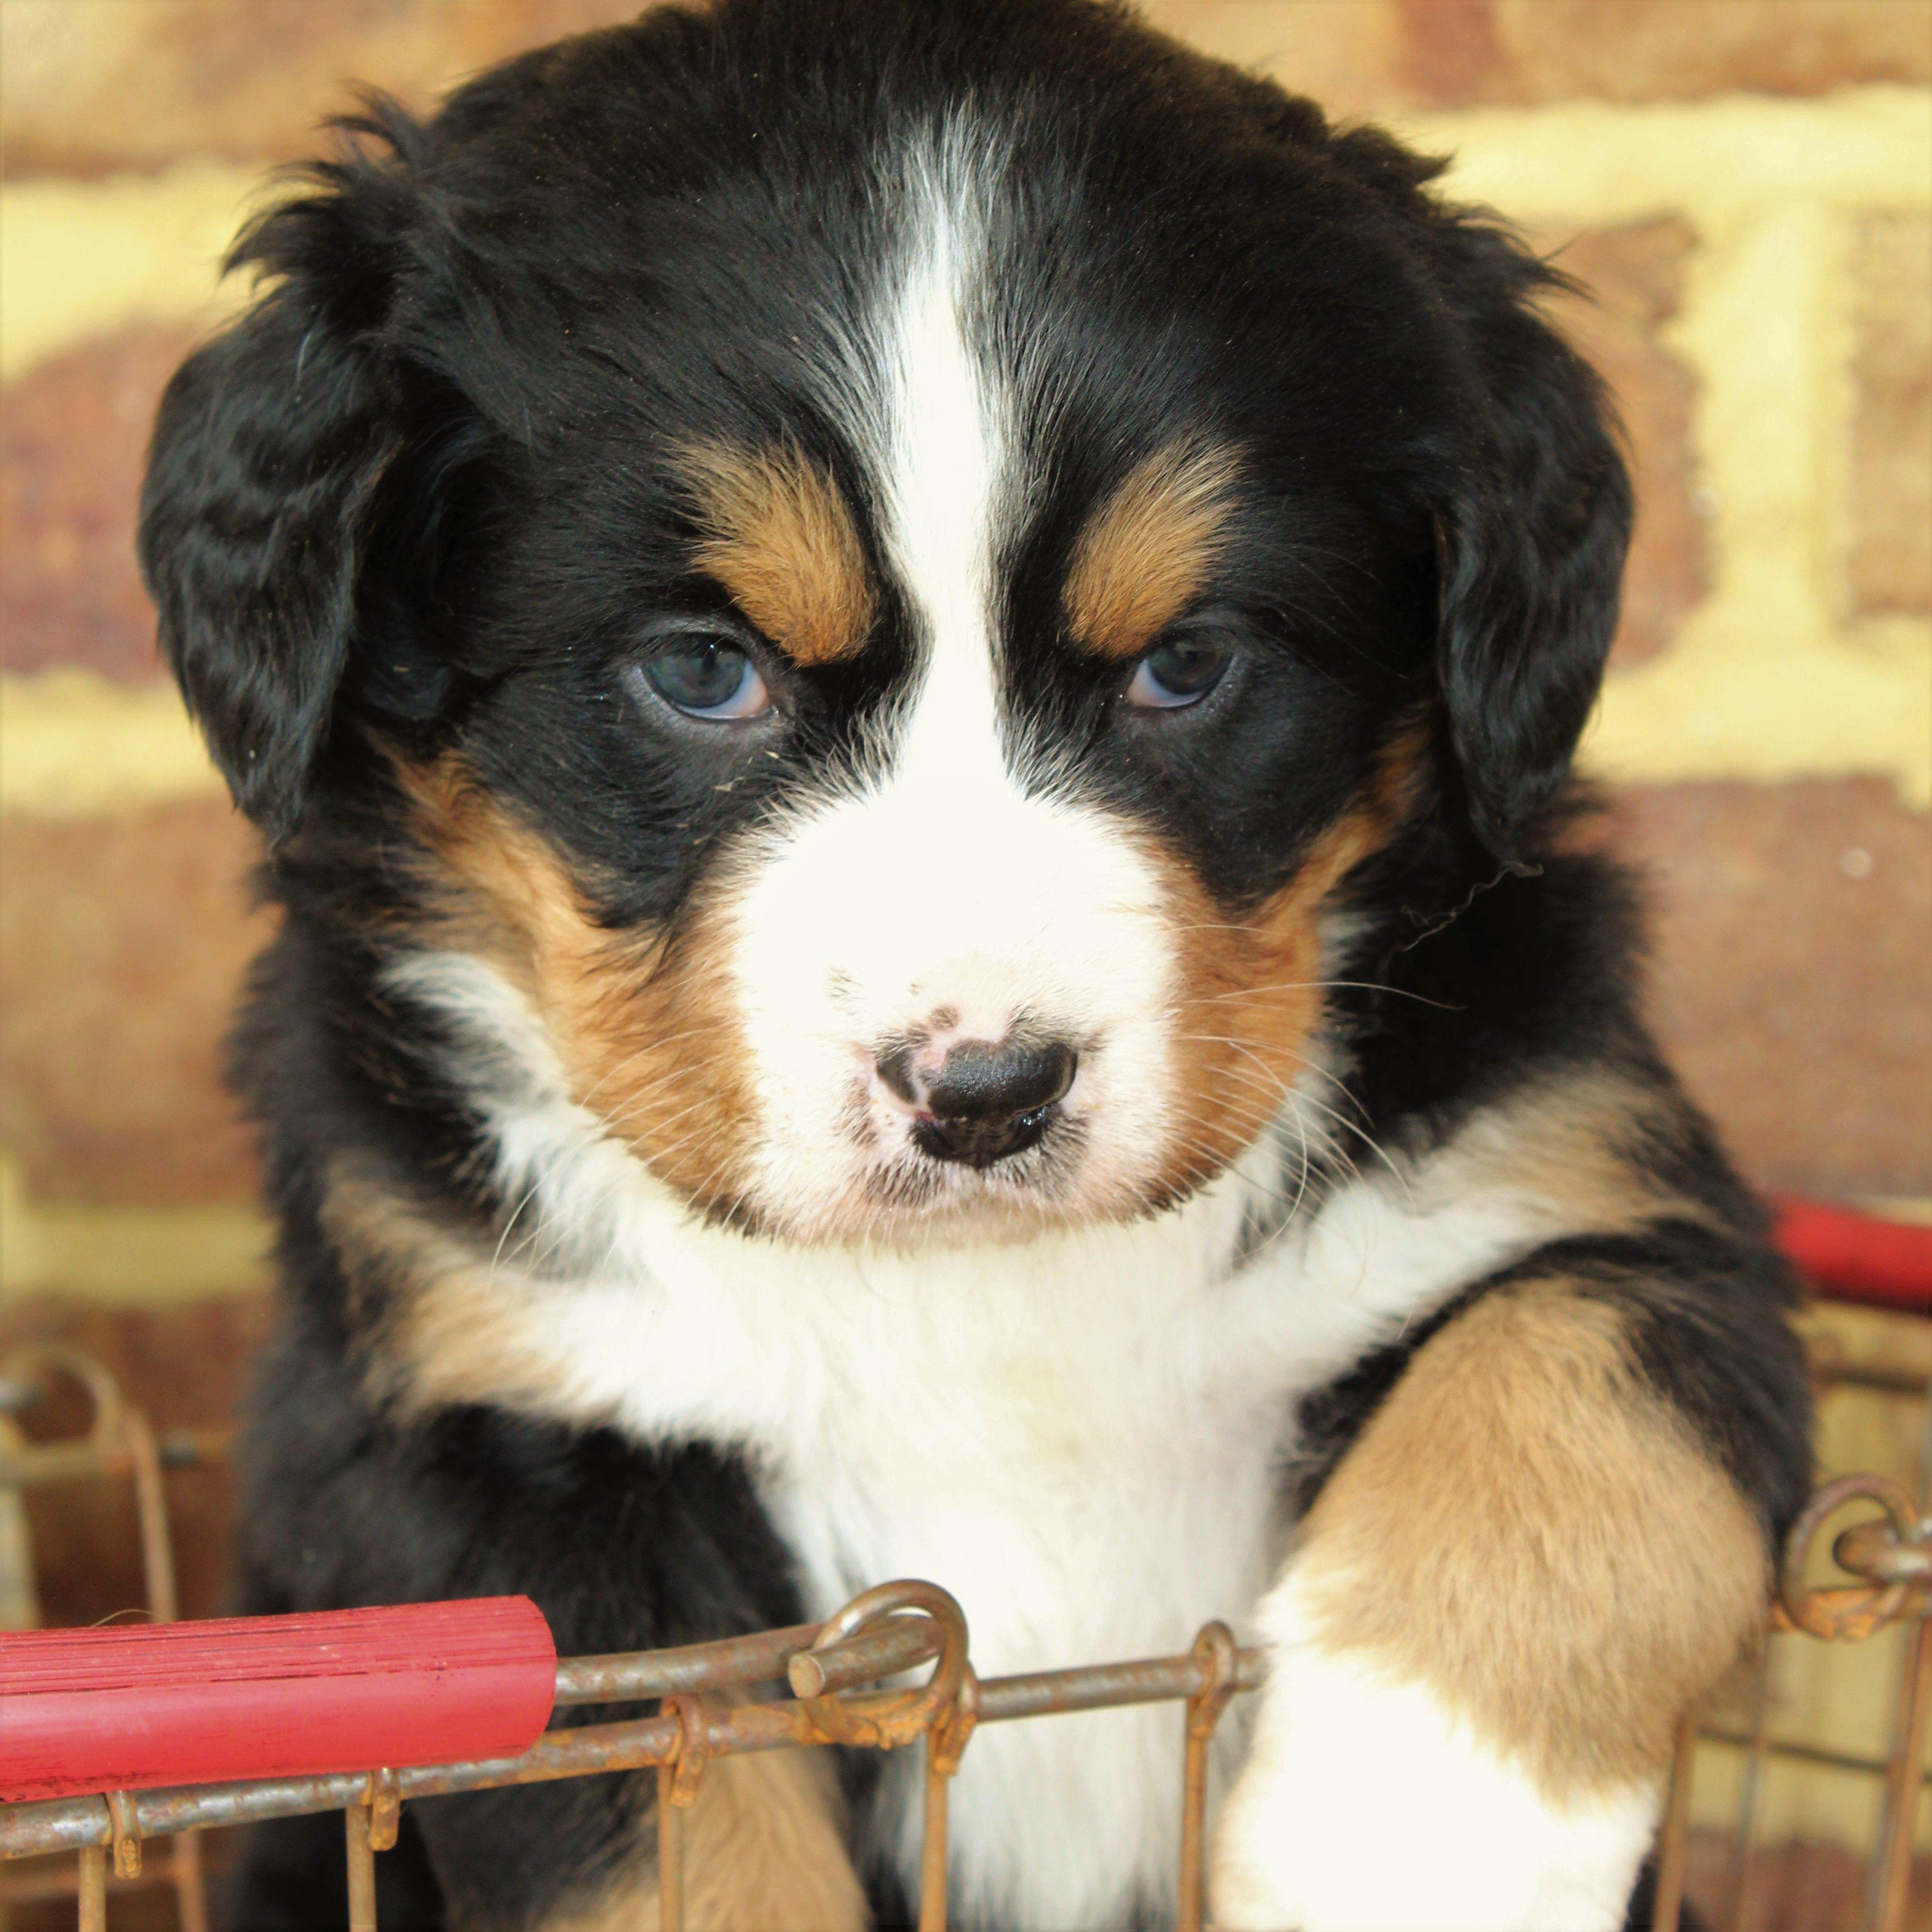 Cuddly Bernesemountaindog Bernese Mountain Dog Puppy Puppies